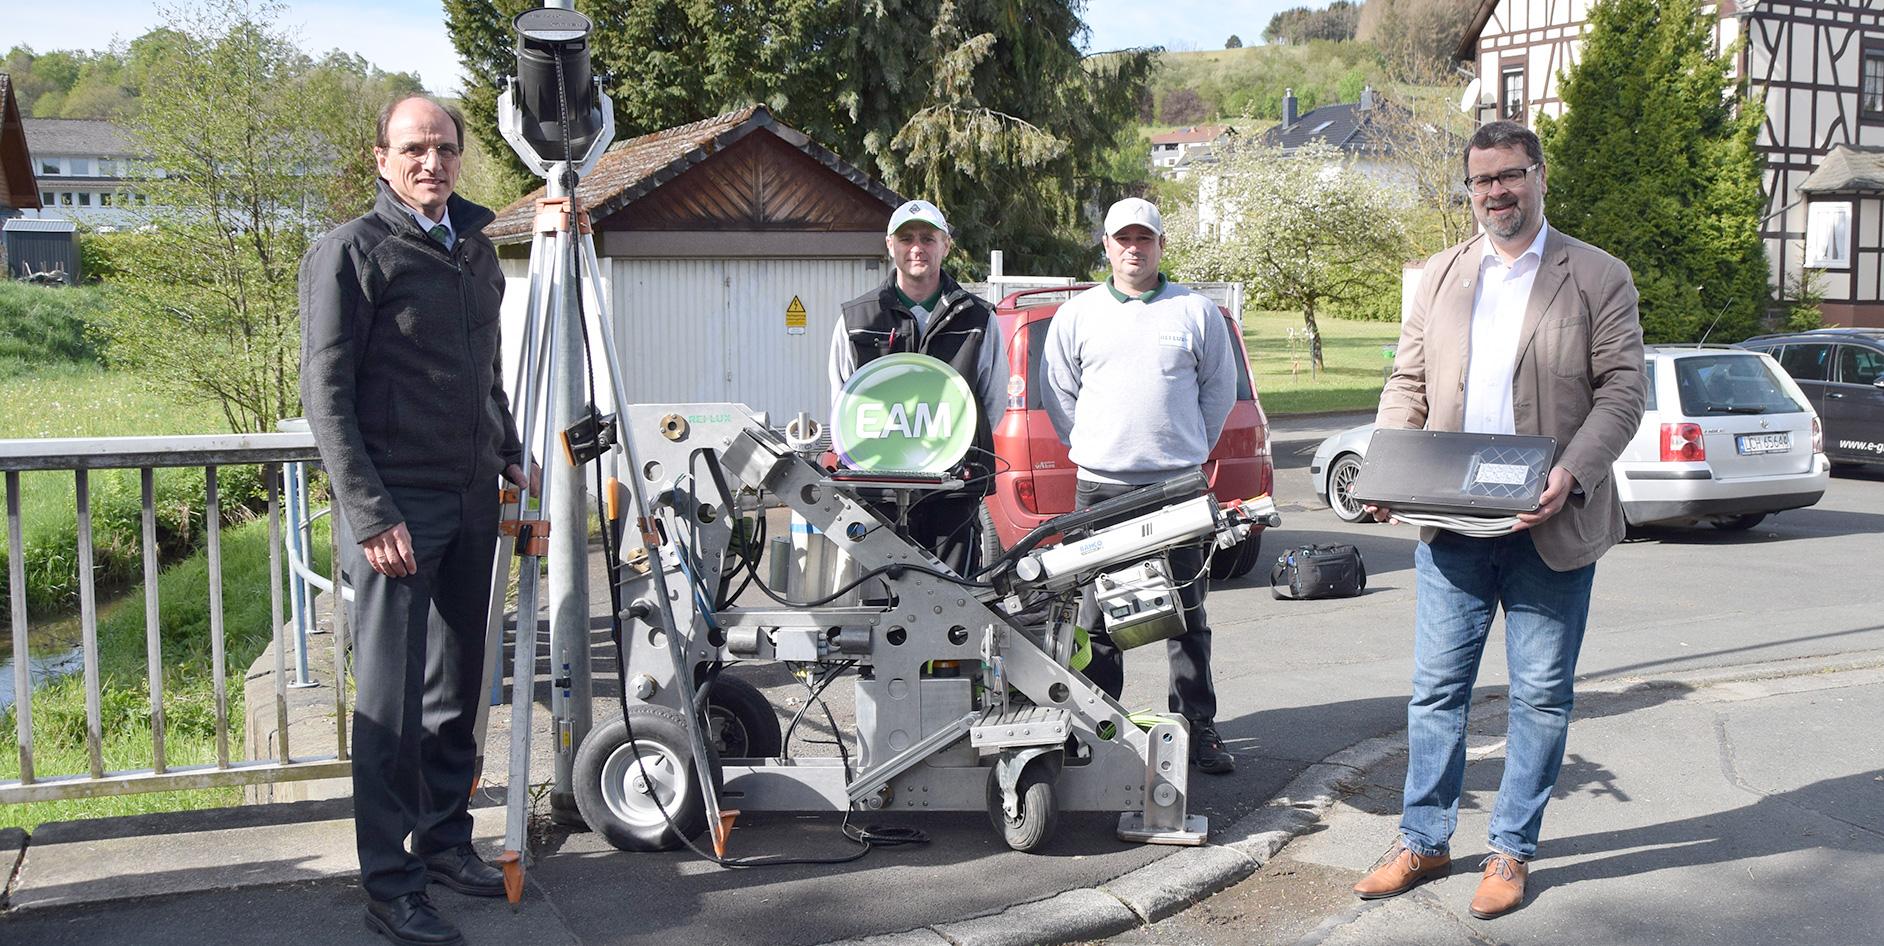 Für die Gemeinde Angelburg (Landkreis Marburg-Biedenkopf) stellt die EAM derzeit die Straßenbeleuchtung in allen drei Ortsteilen auf moderne, energiesparende LED-Leuchten um.